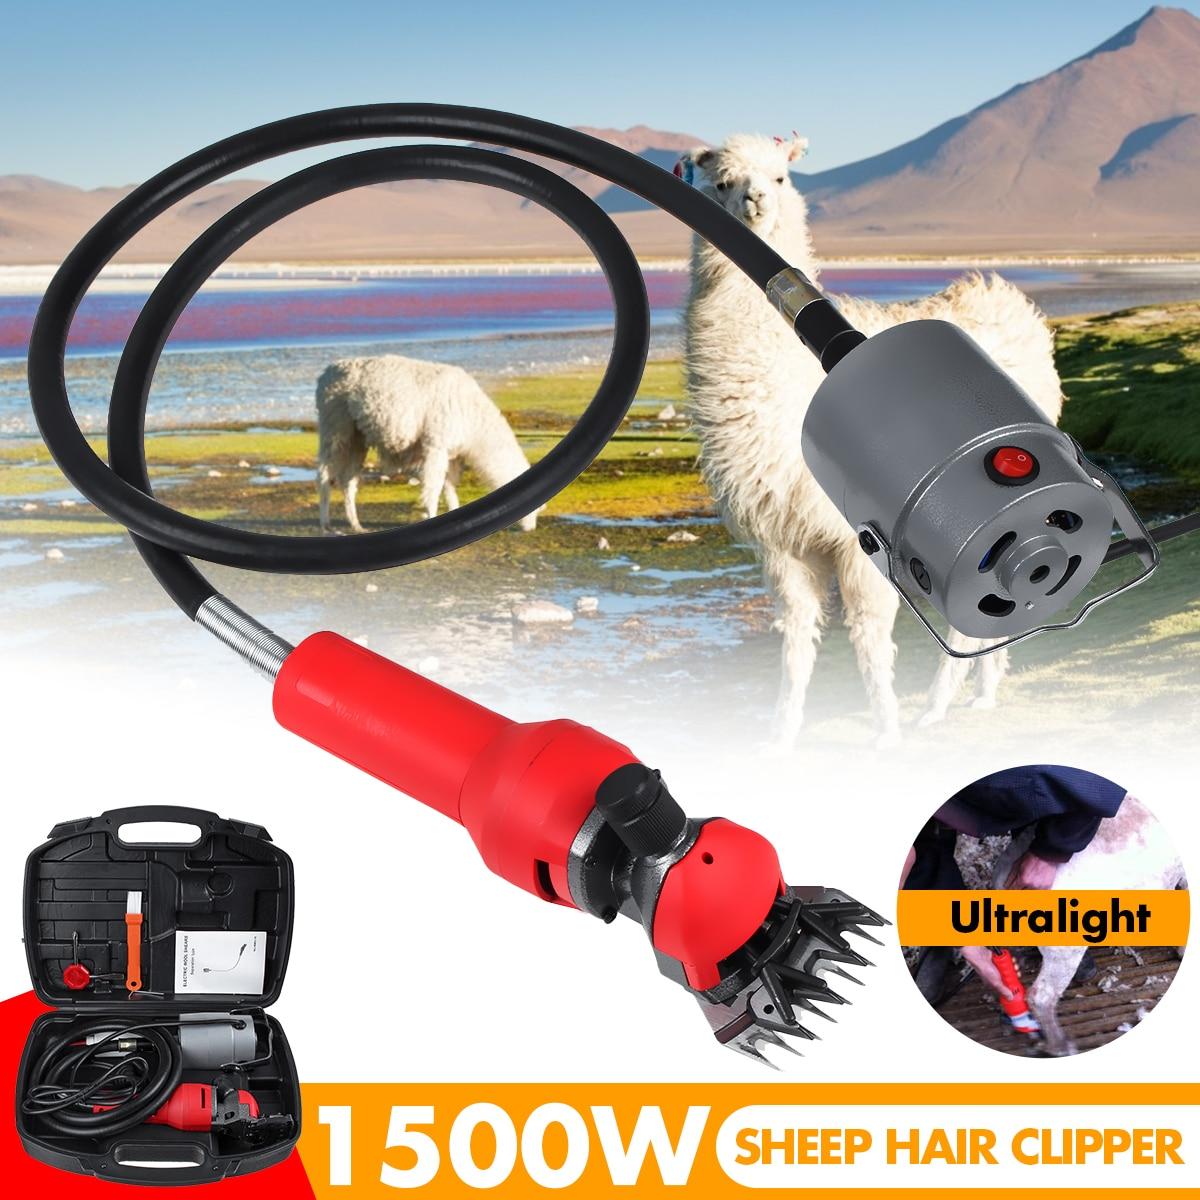 1500W Ultralight Electric Sheep Goat Shearing Machine Clipper Farm Shears Cutter Wool Scissor Cut Machine With Box